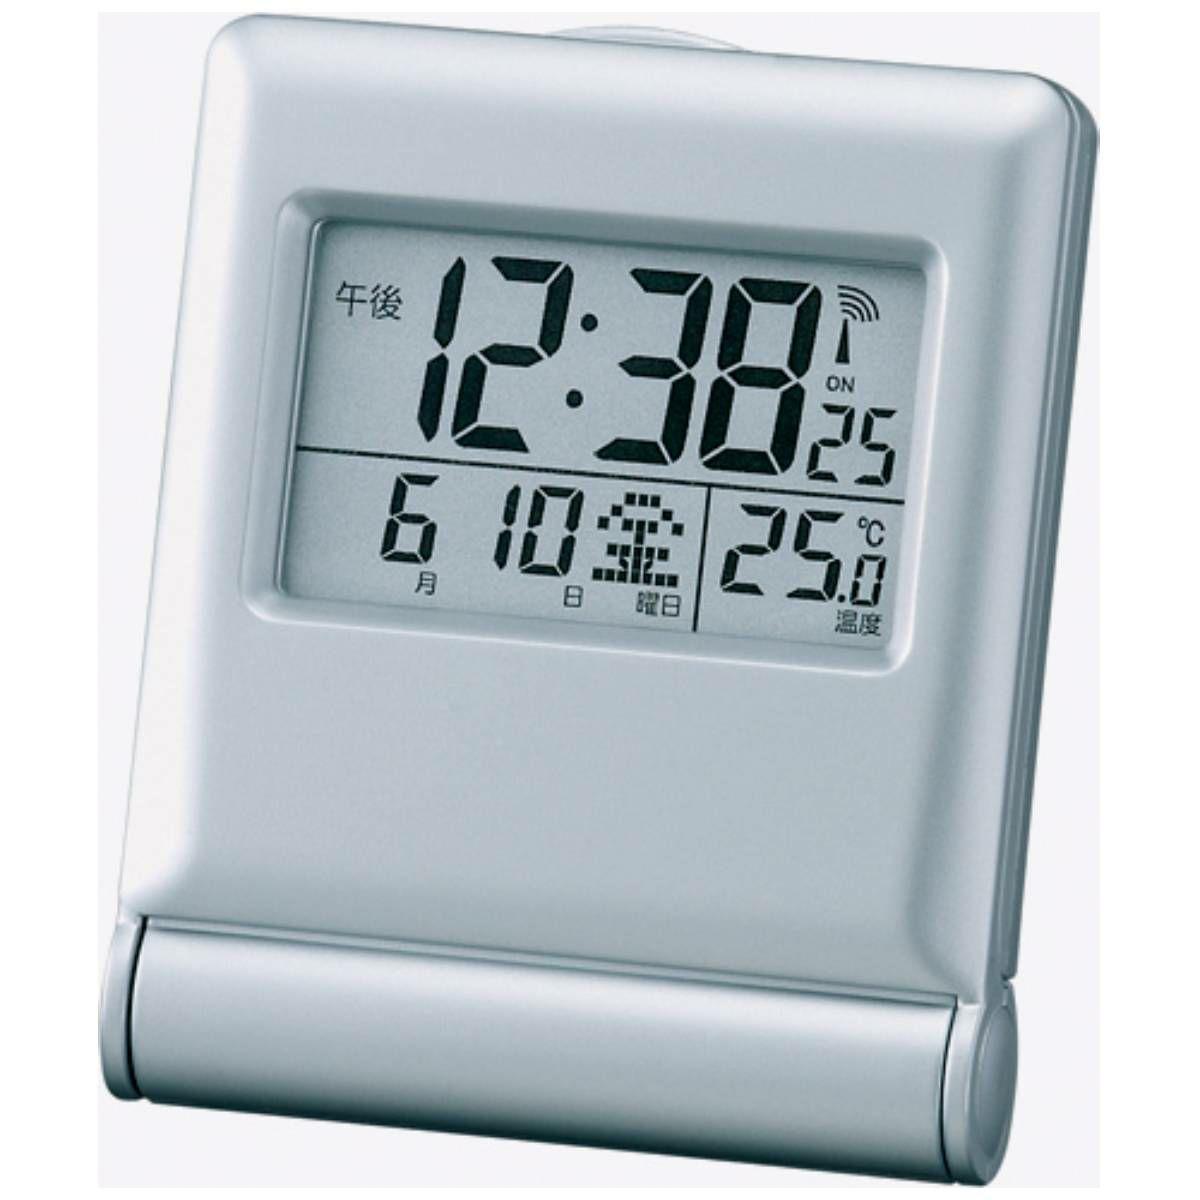 ≪メーカー直販≫ MAG(マグ) ミニサイズ デジタル 電波時計 置時計 目覚まし時計 ミネルバ T-714 海外旅行 出張 ビジネス 入院 記念品 ギフト 名入れ 1台